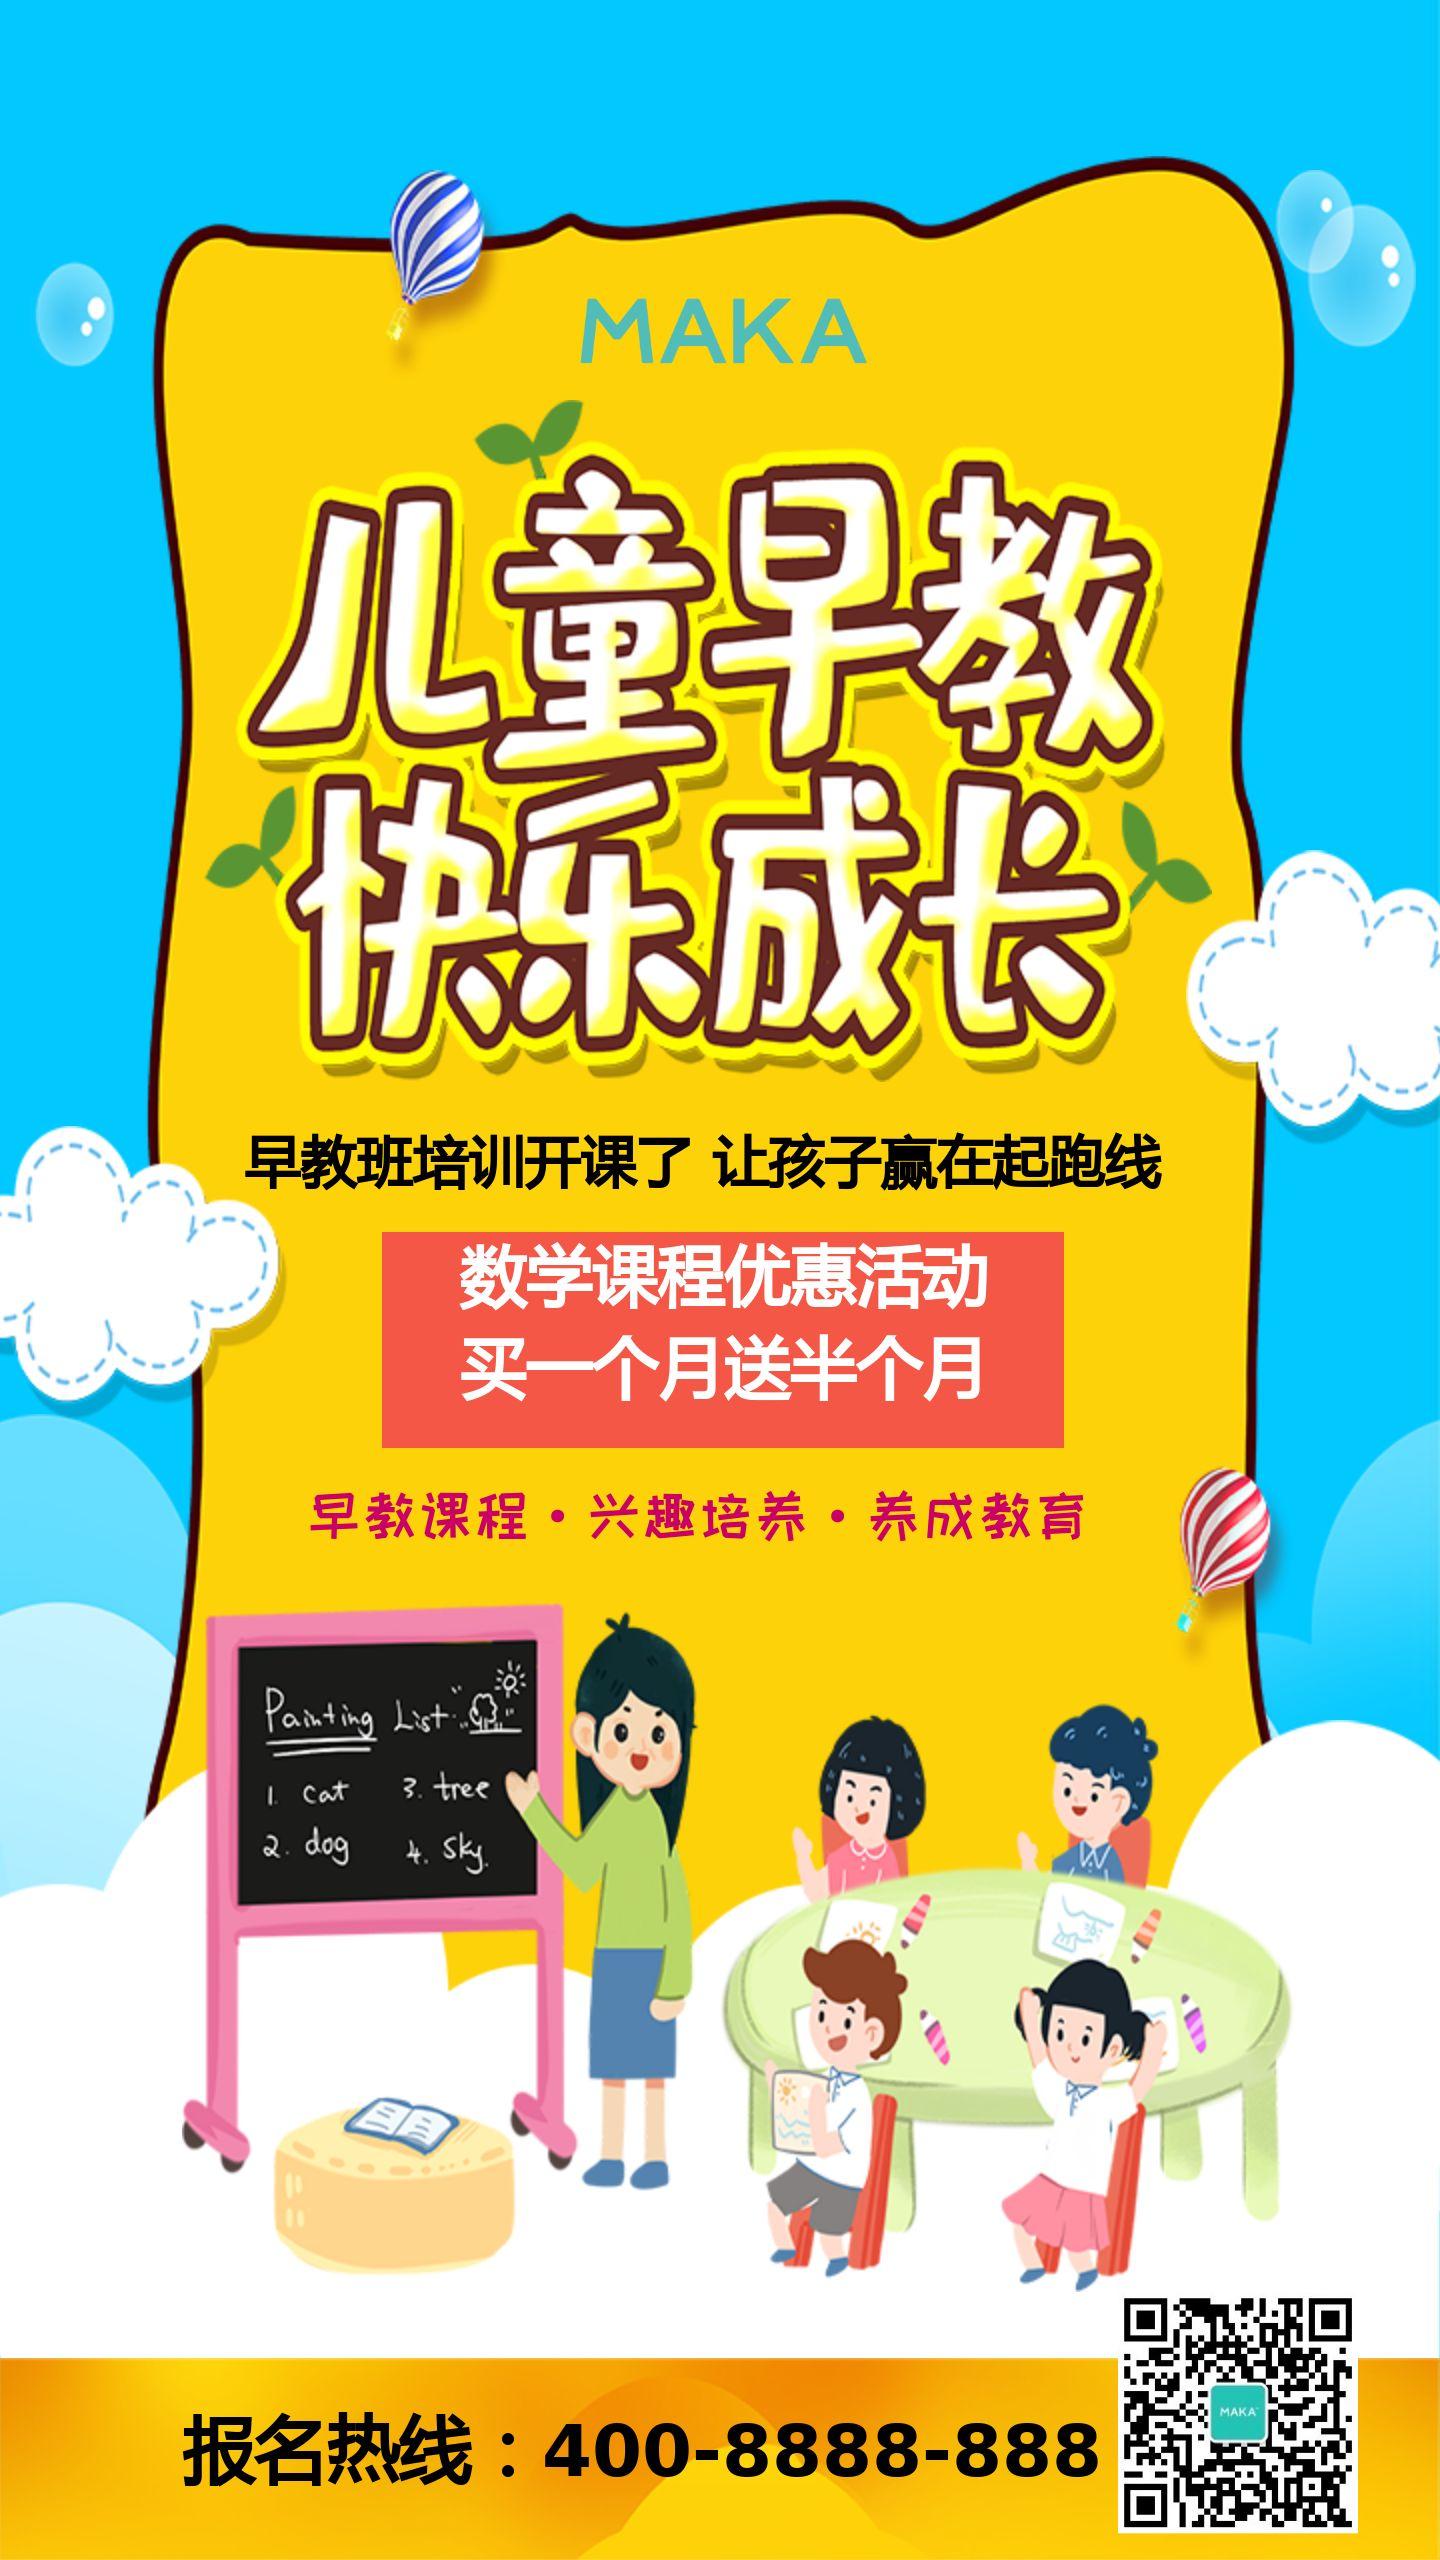 蓝色卡通插画风早教音乐课招生优惠教育培训招生宣传海报